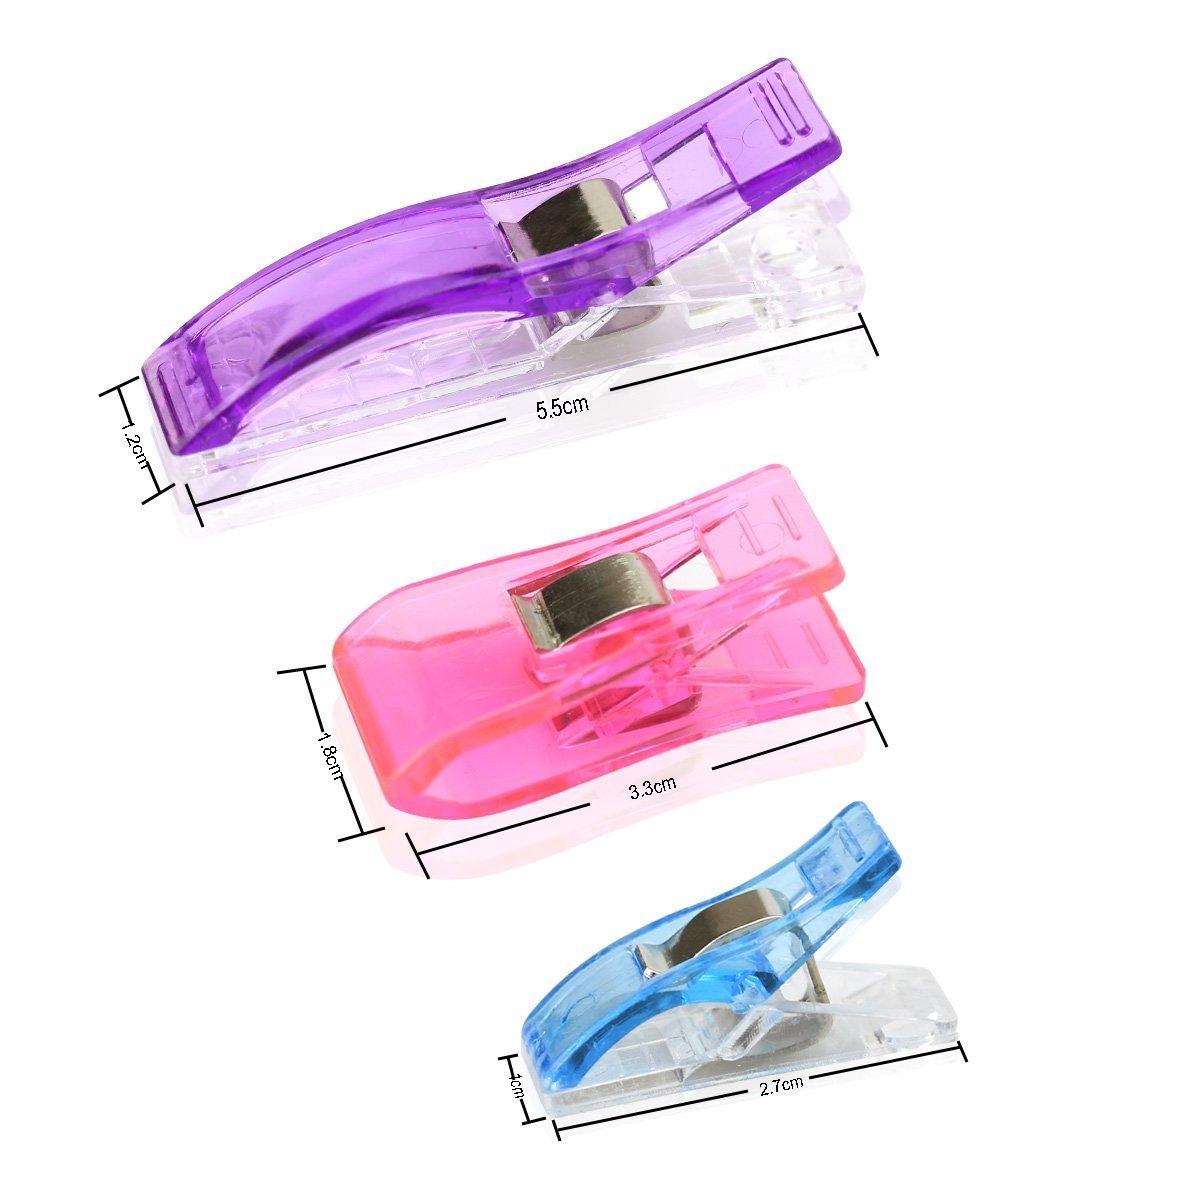 Ndier 102 Stück Klammer Nähen Zubehöre Nähzubehör Stoffklammern für Nähen, Quilting Clips, Häkeln,Quilting Kunststoff Clips, Häkeln, StoffClips Büroklammern - Random Color -90 klein, 7 mittel, 5 groß